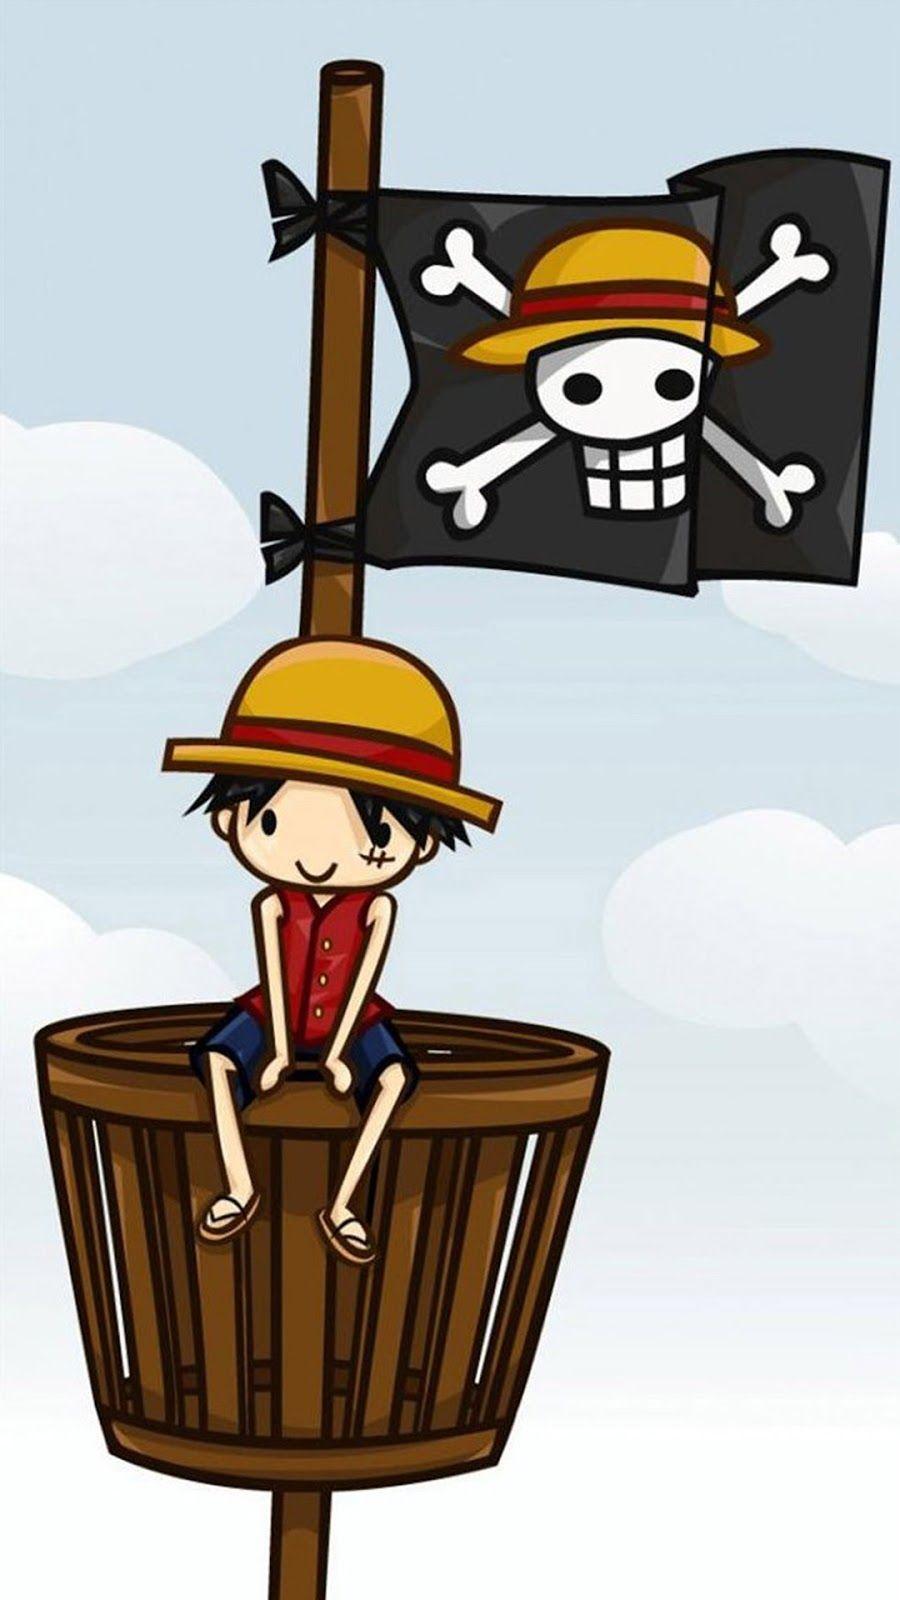 Hình Nền Monkey D.Luffy Cute Cho Điện Thoại, Miễn Phí & Chất Lượng